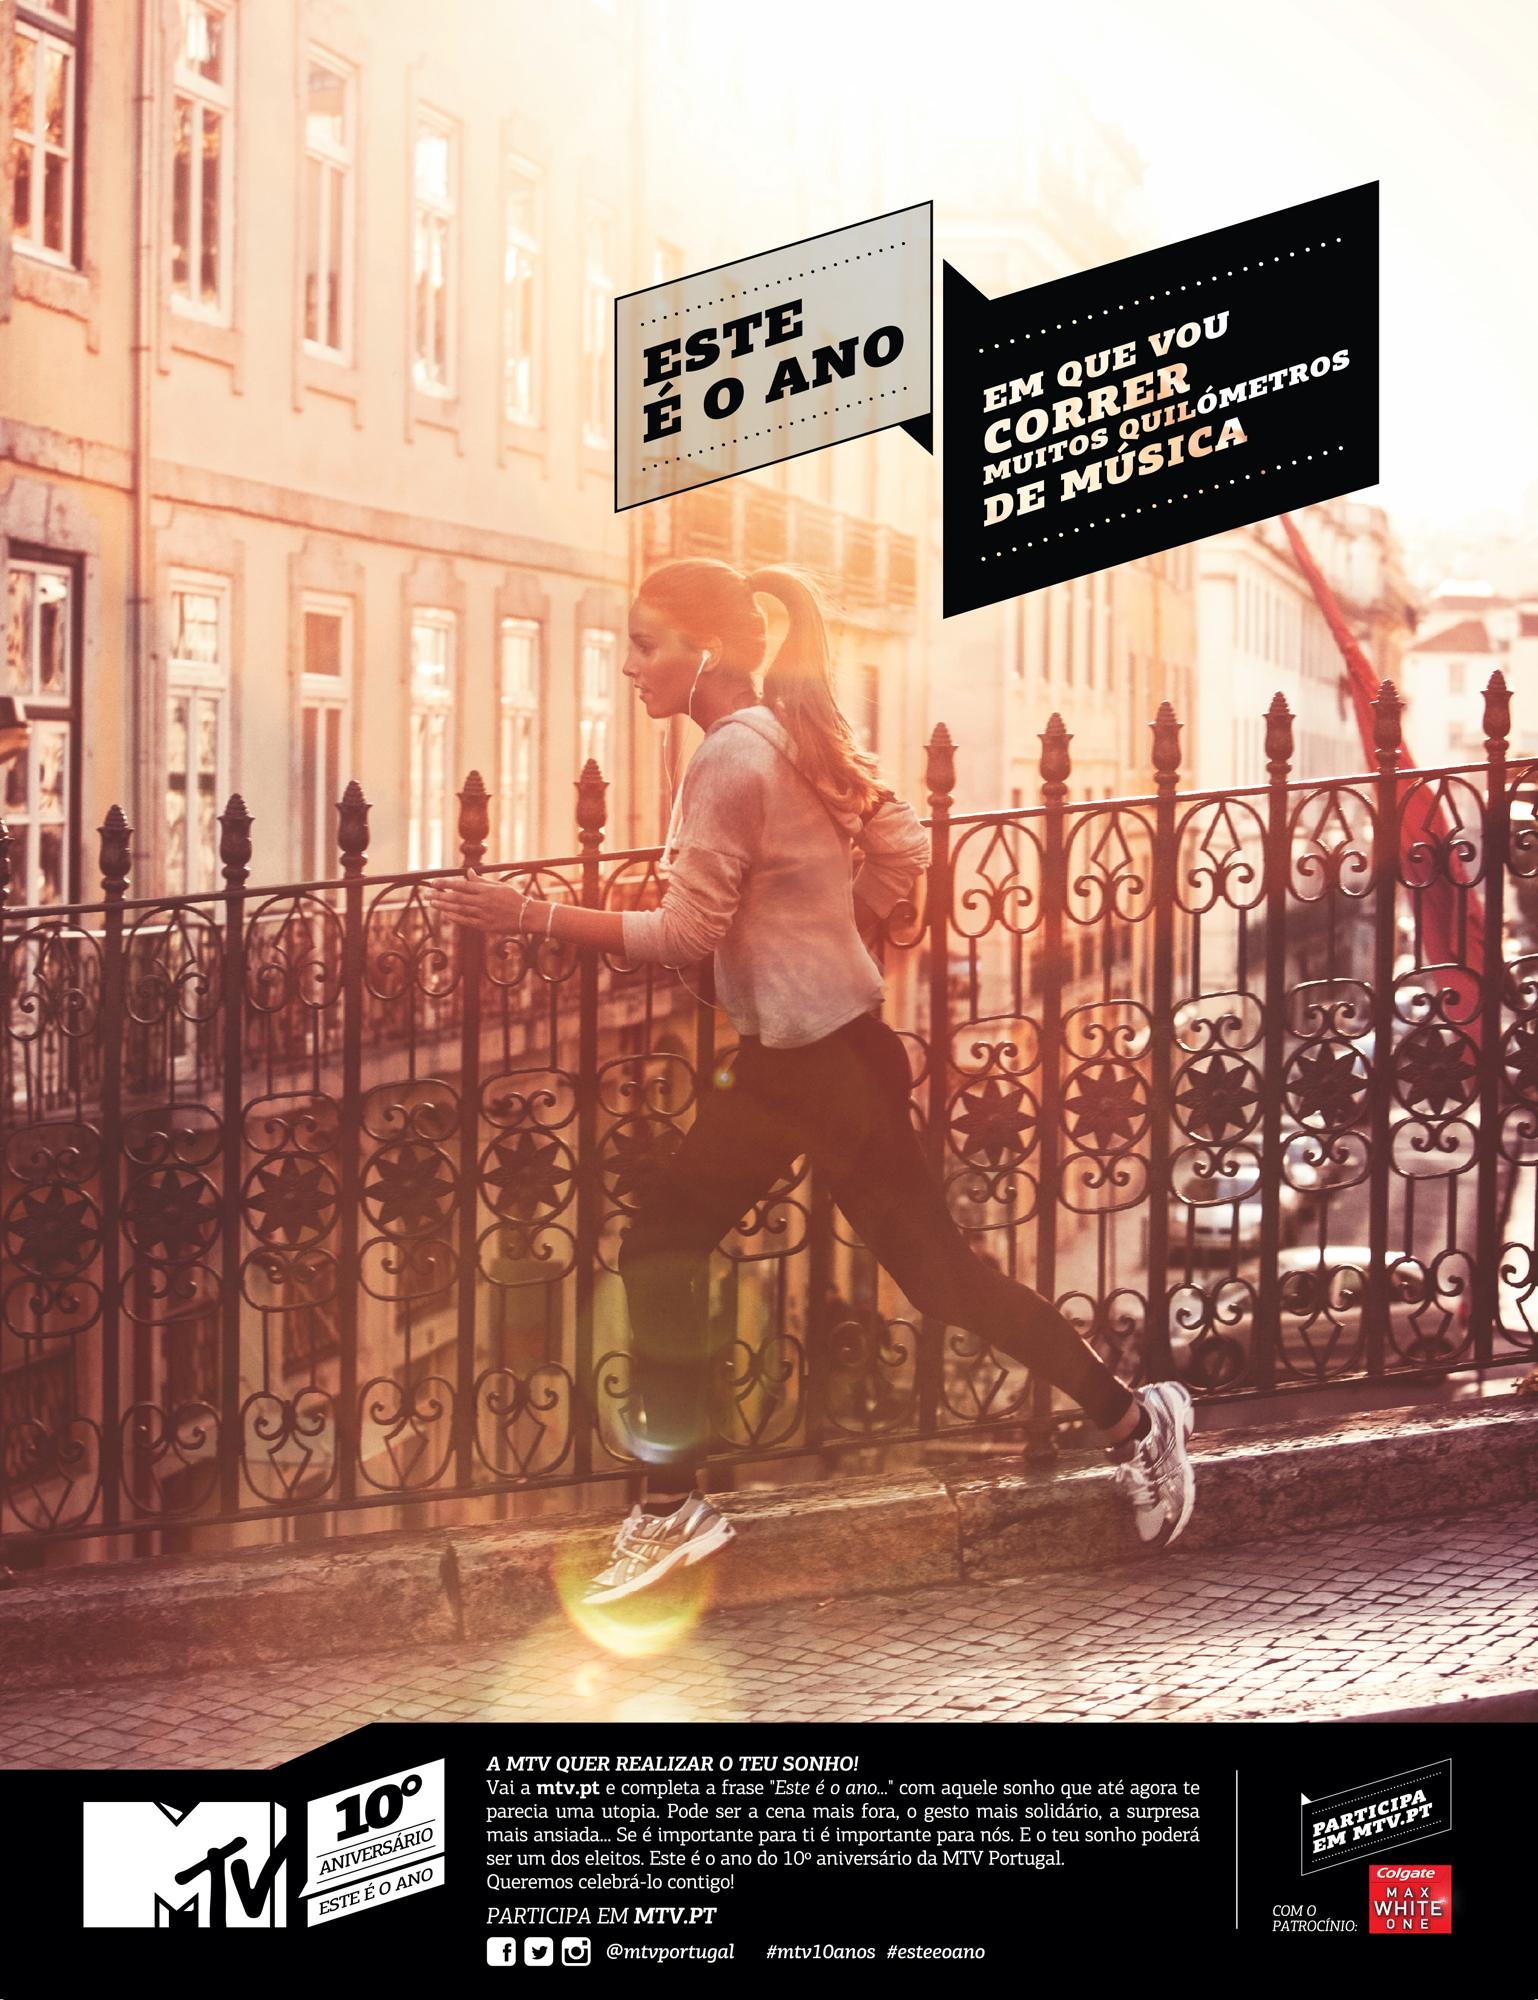 af-jogging copy.jpg